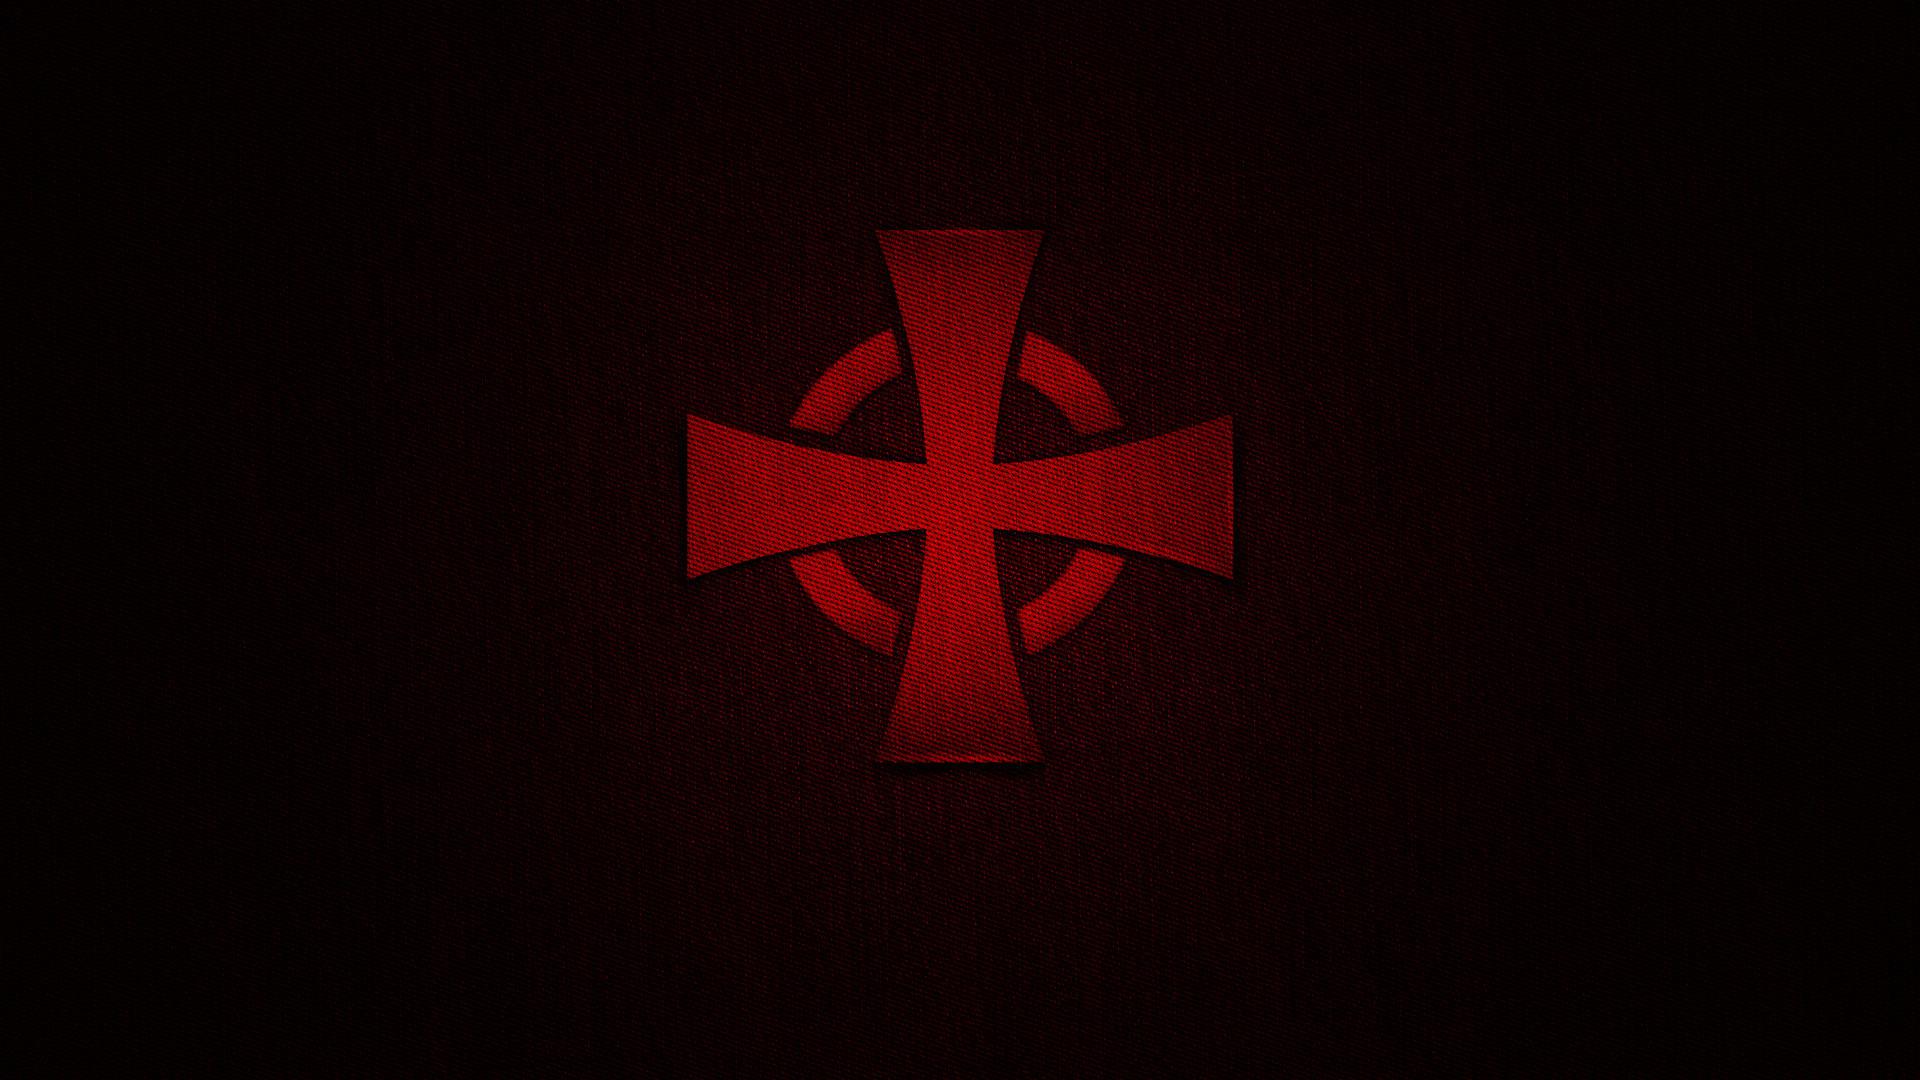 Res: 1920x1080, HL-Fr.Nathan-Jerusalem-cross